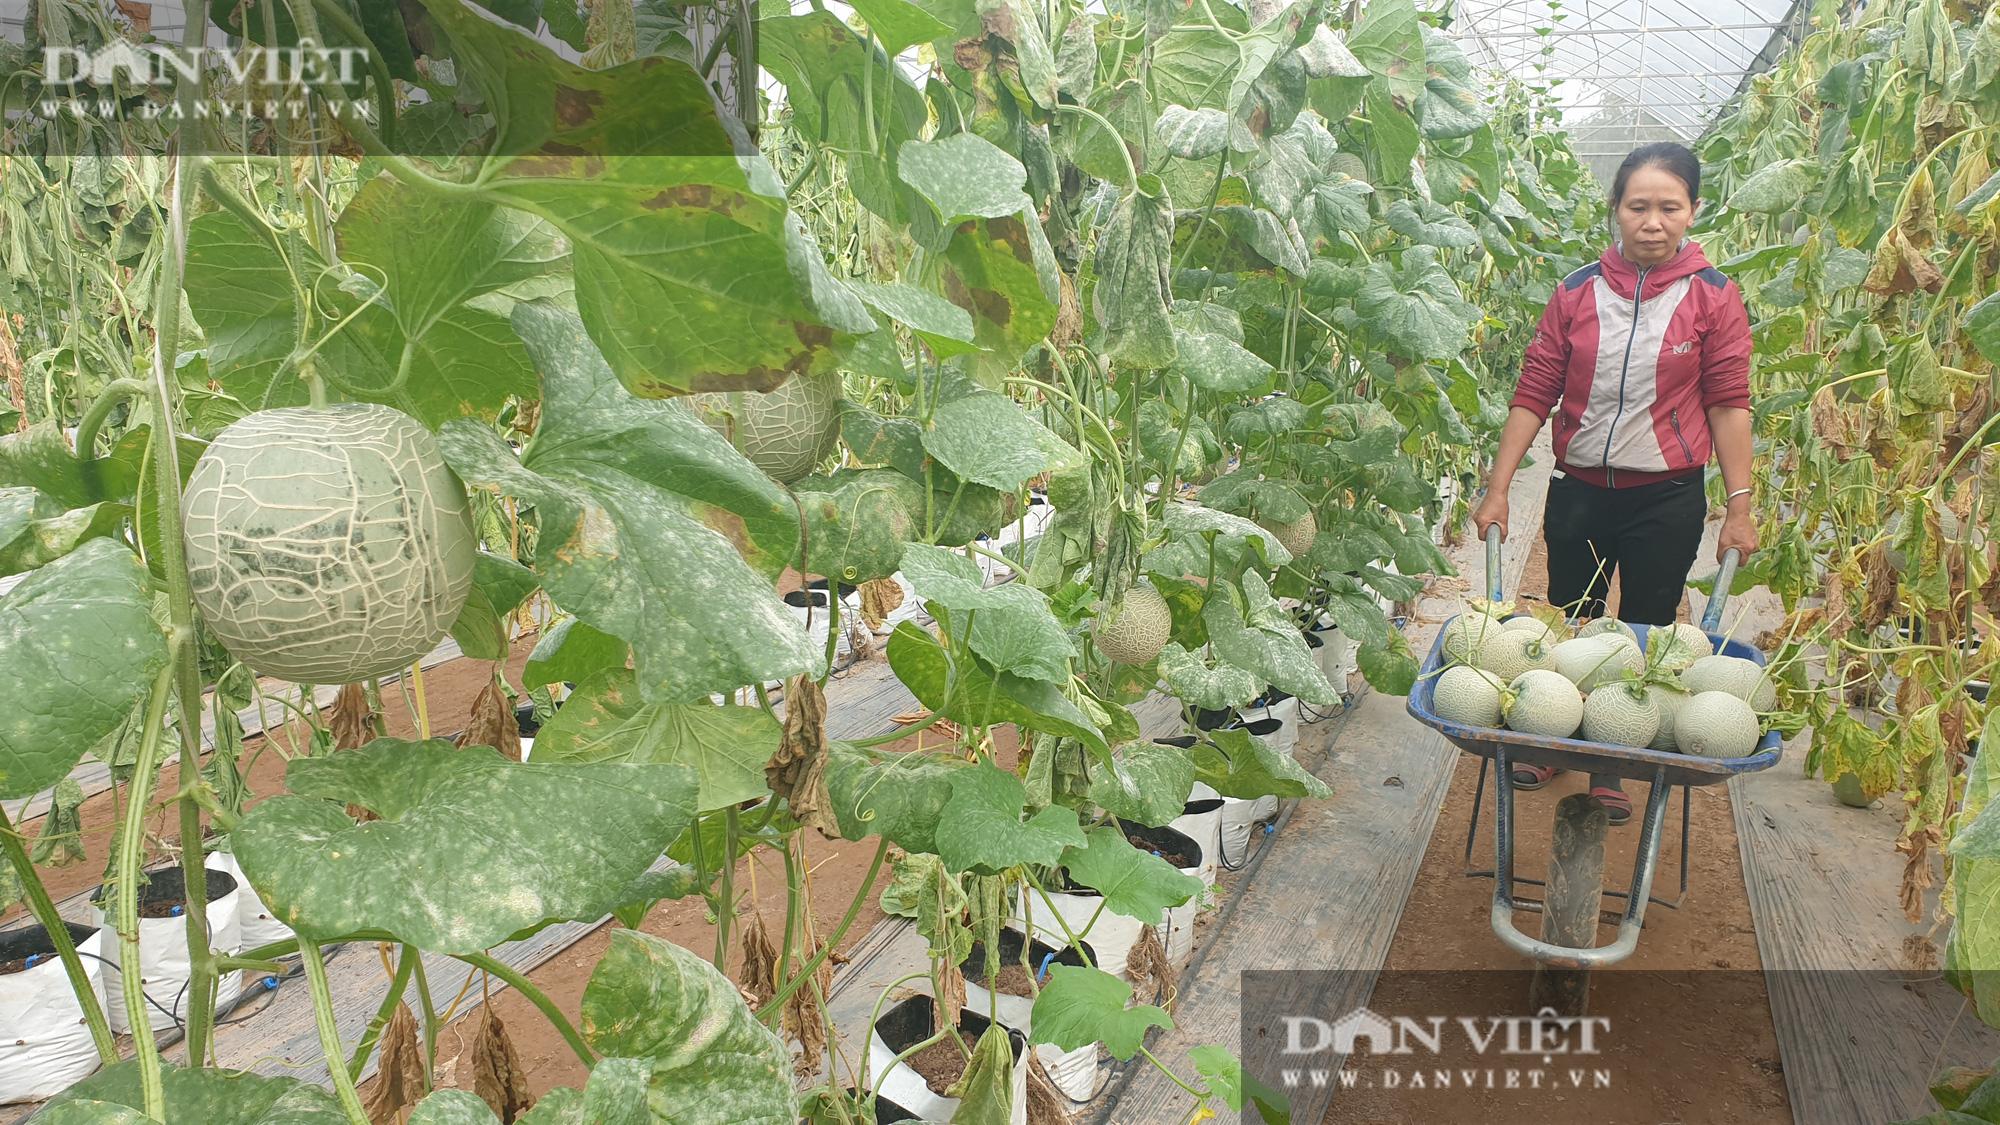 Thái Bình: Đam mê trồng dưa công nghệ cao, U50 bỏ túi hơn nửa tỷ đồng/năm - Ảnh 1.